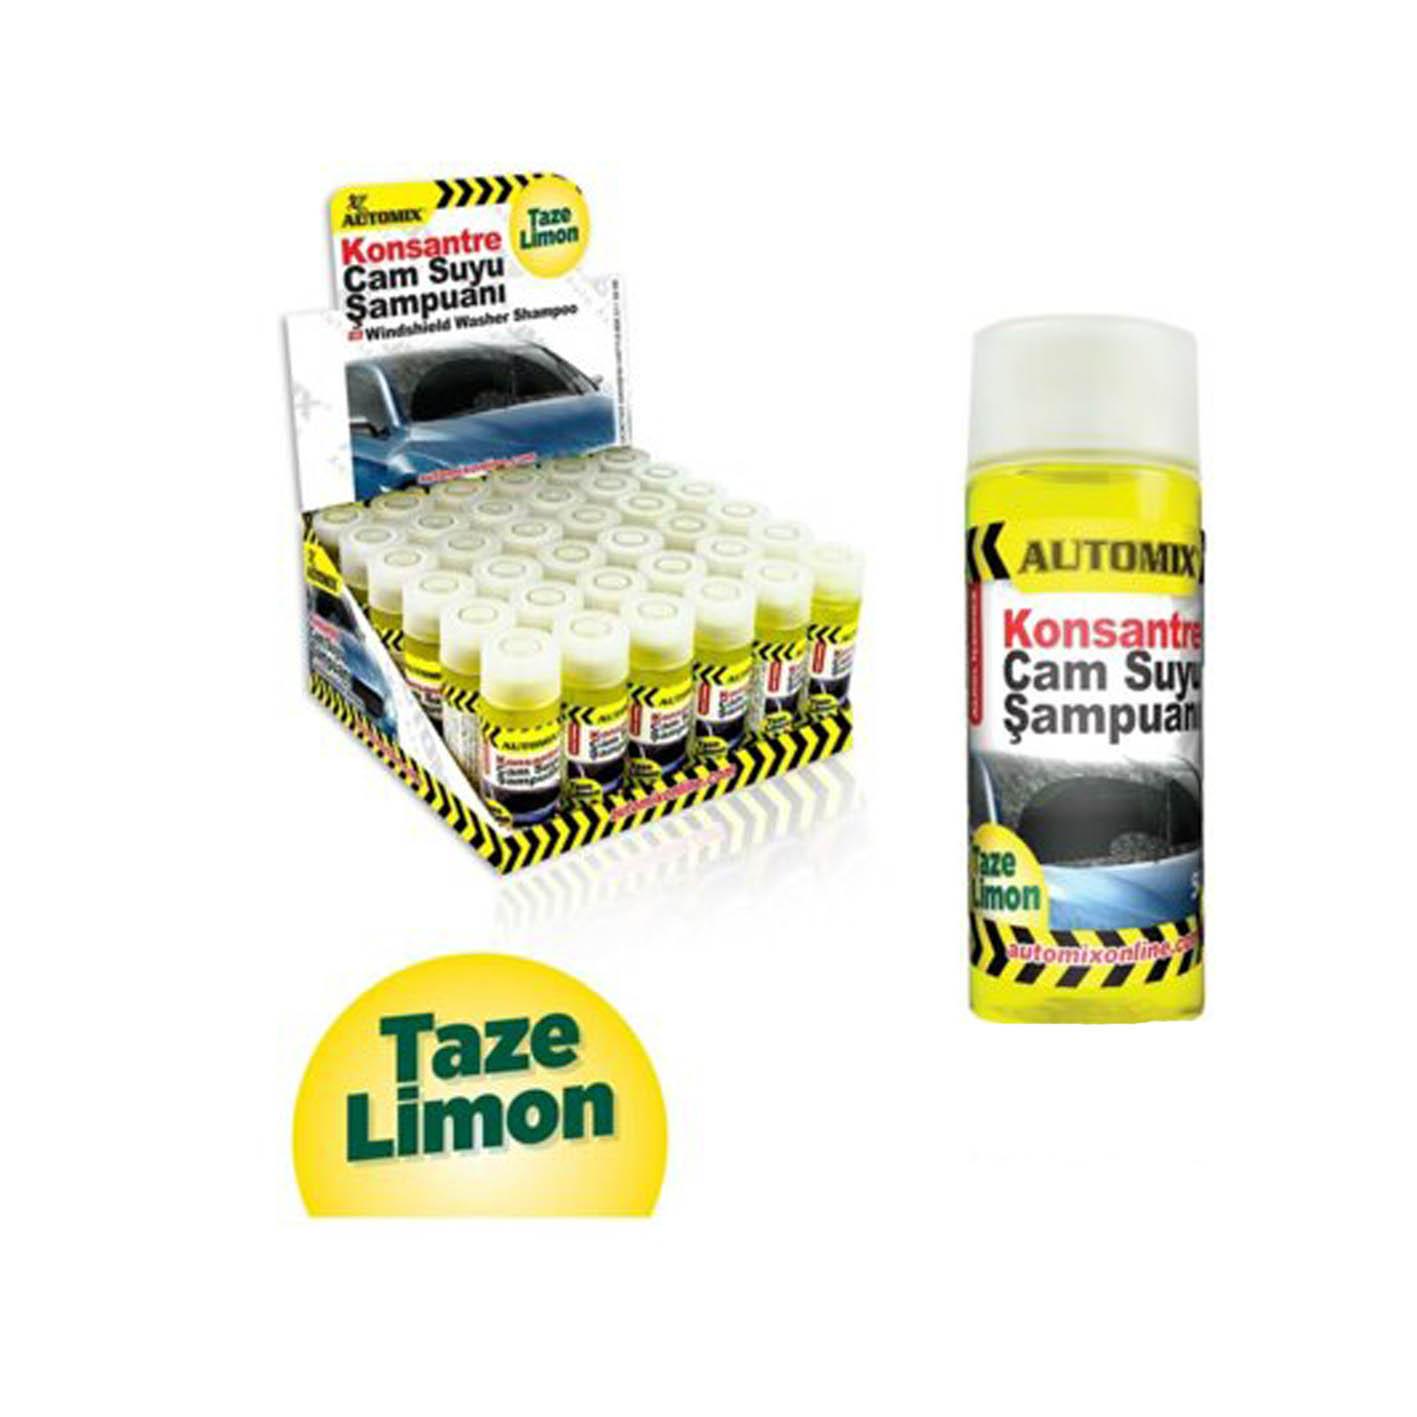 Oto-Automix 50 Ml Cam Suyu Şampuanı Taze Limon